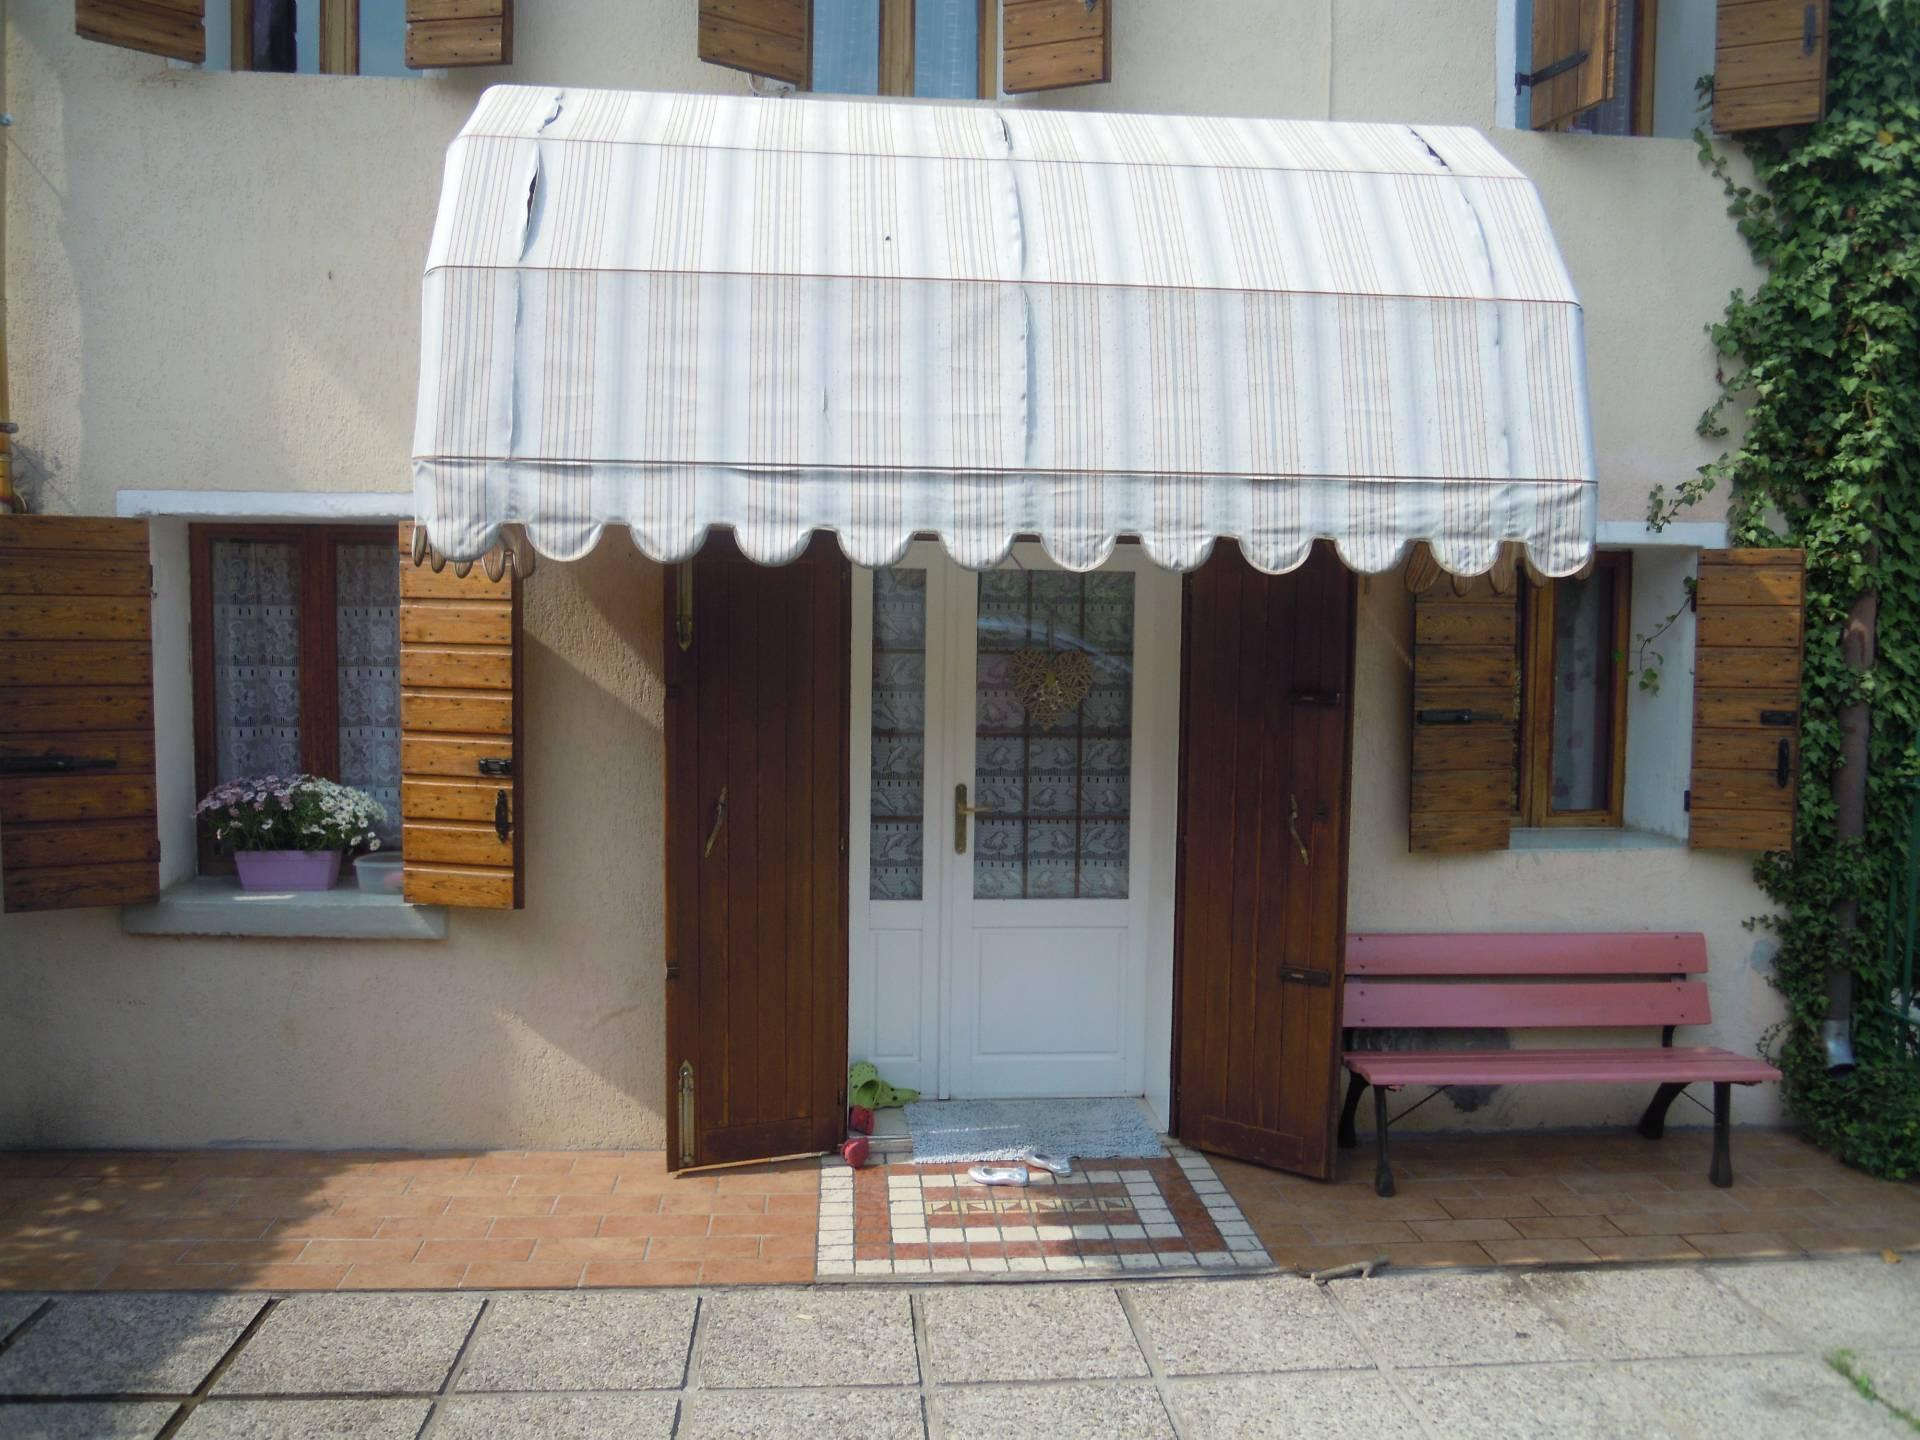 Rustico / Casale in vendita a Crocetta del Montello, 4 locali, zona Località: CianodelMontello, prezzo € 115.000 | Cambio Casa.it